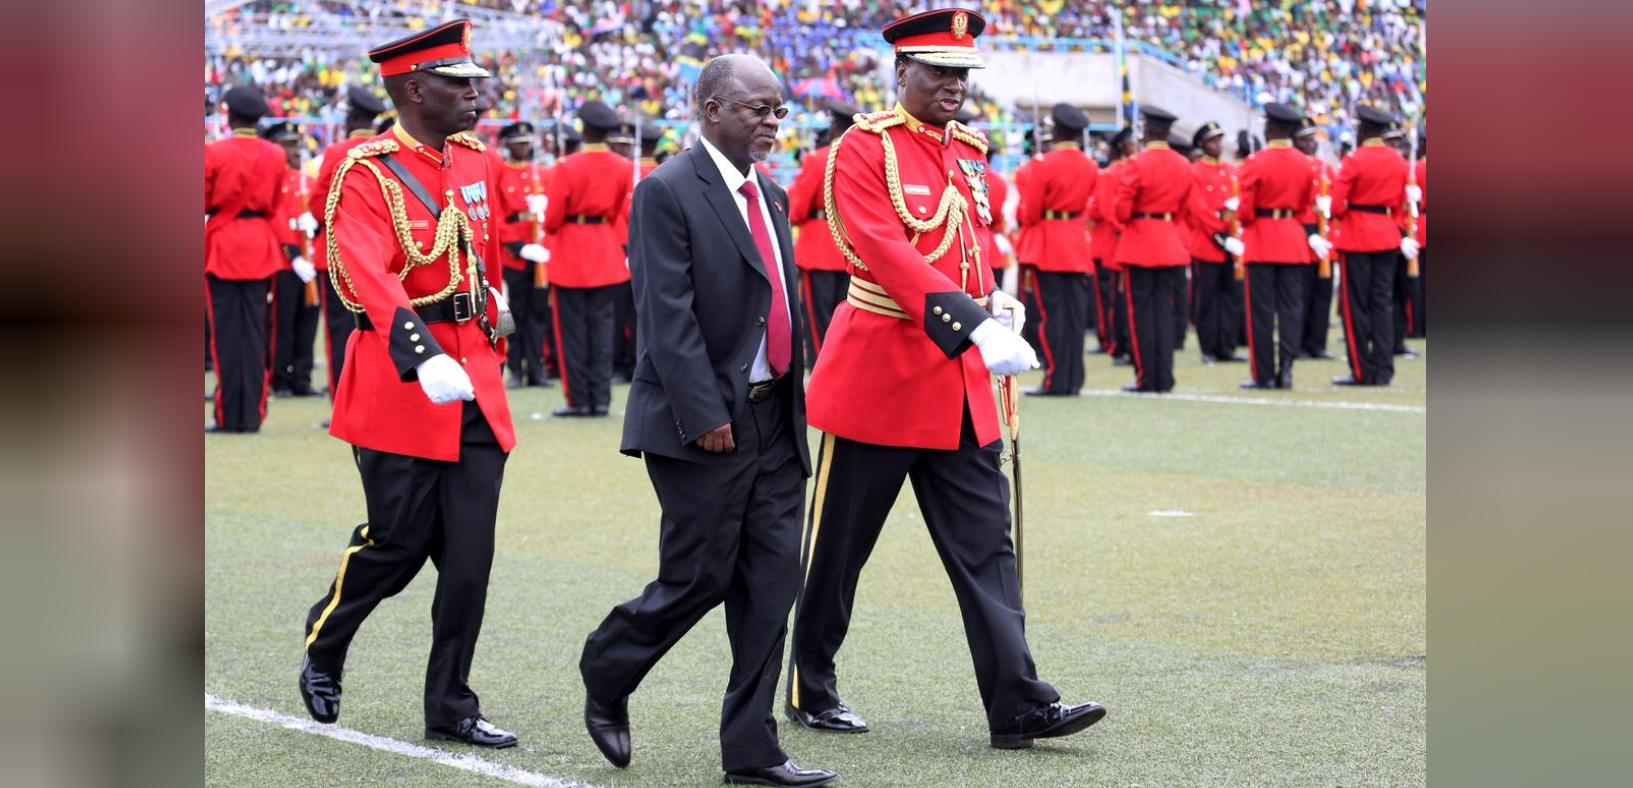 Presidenti i Tanzanisë ndalon testimet për CoVid 19  Nxorën pozitive dhinë dhe frutat e papajas